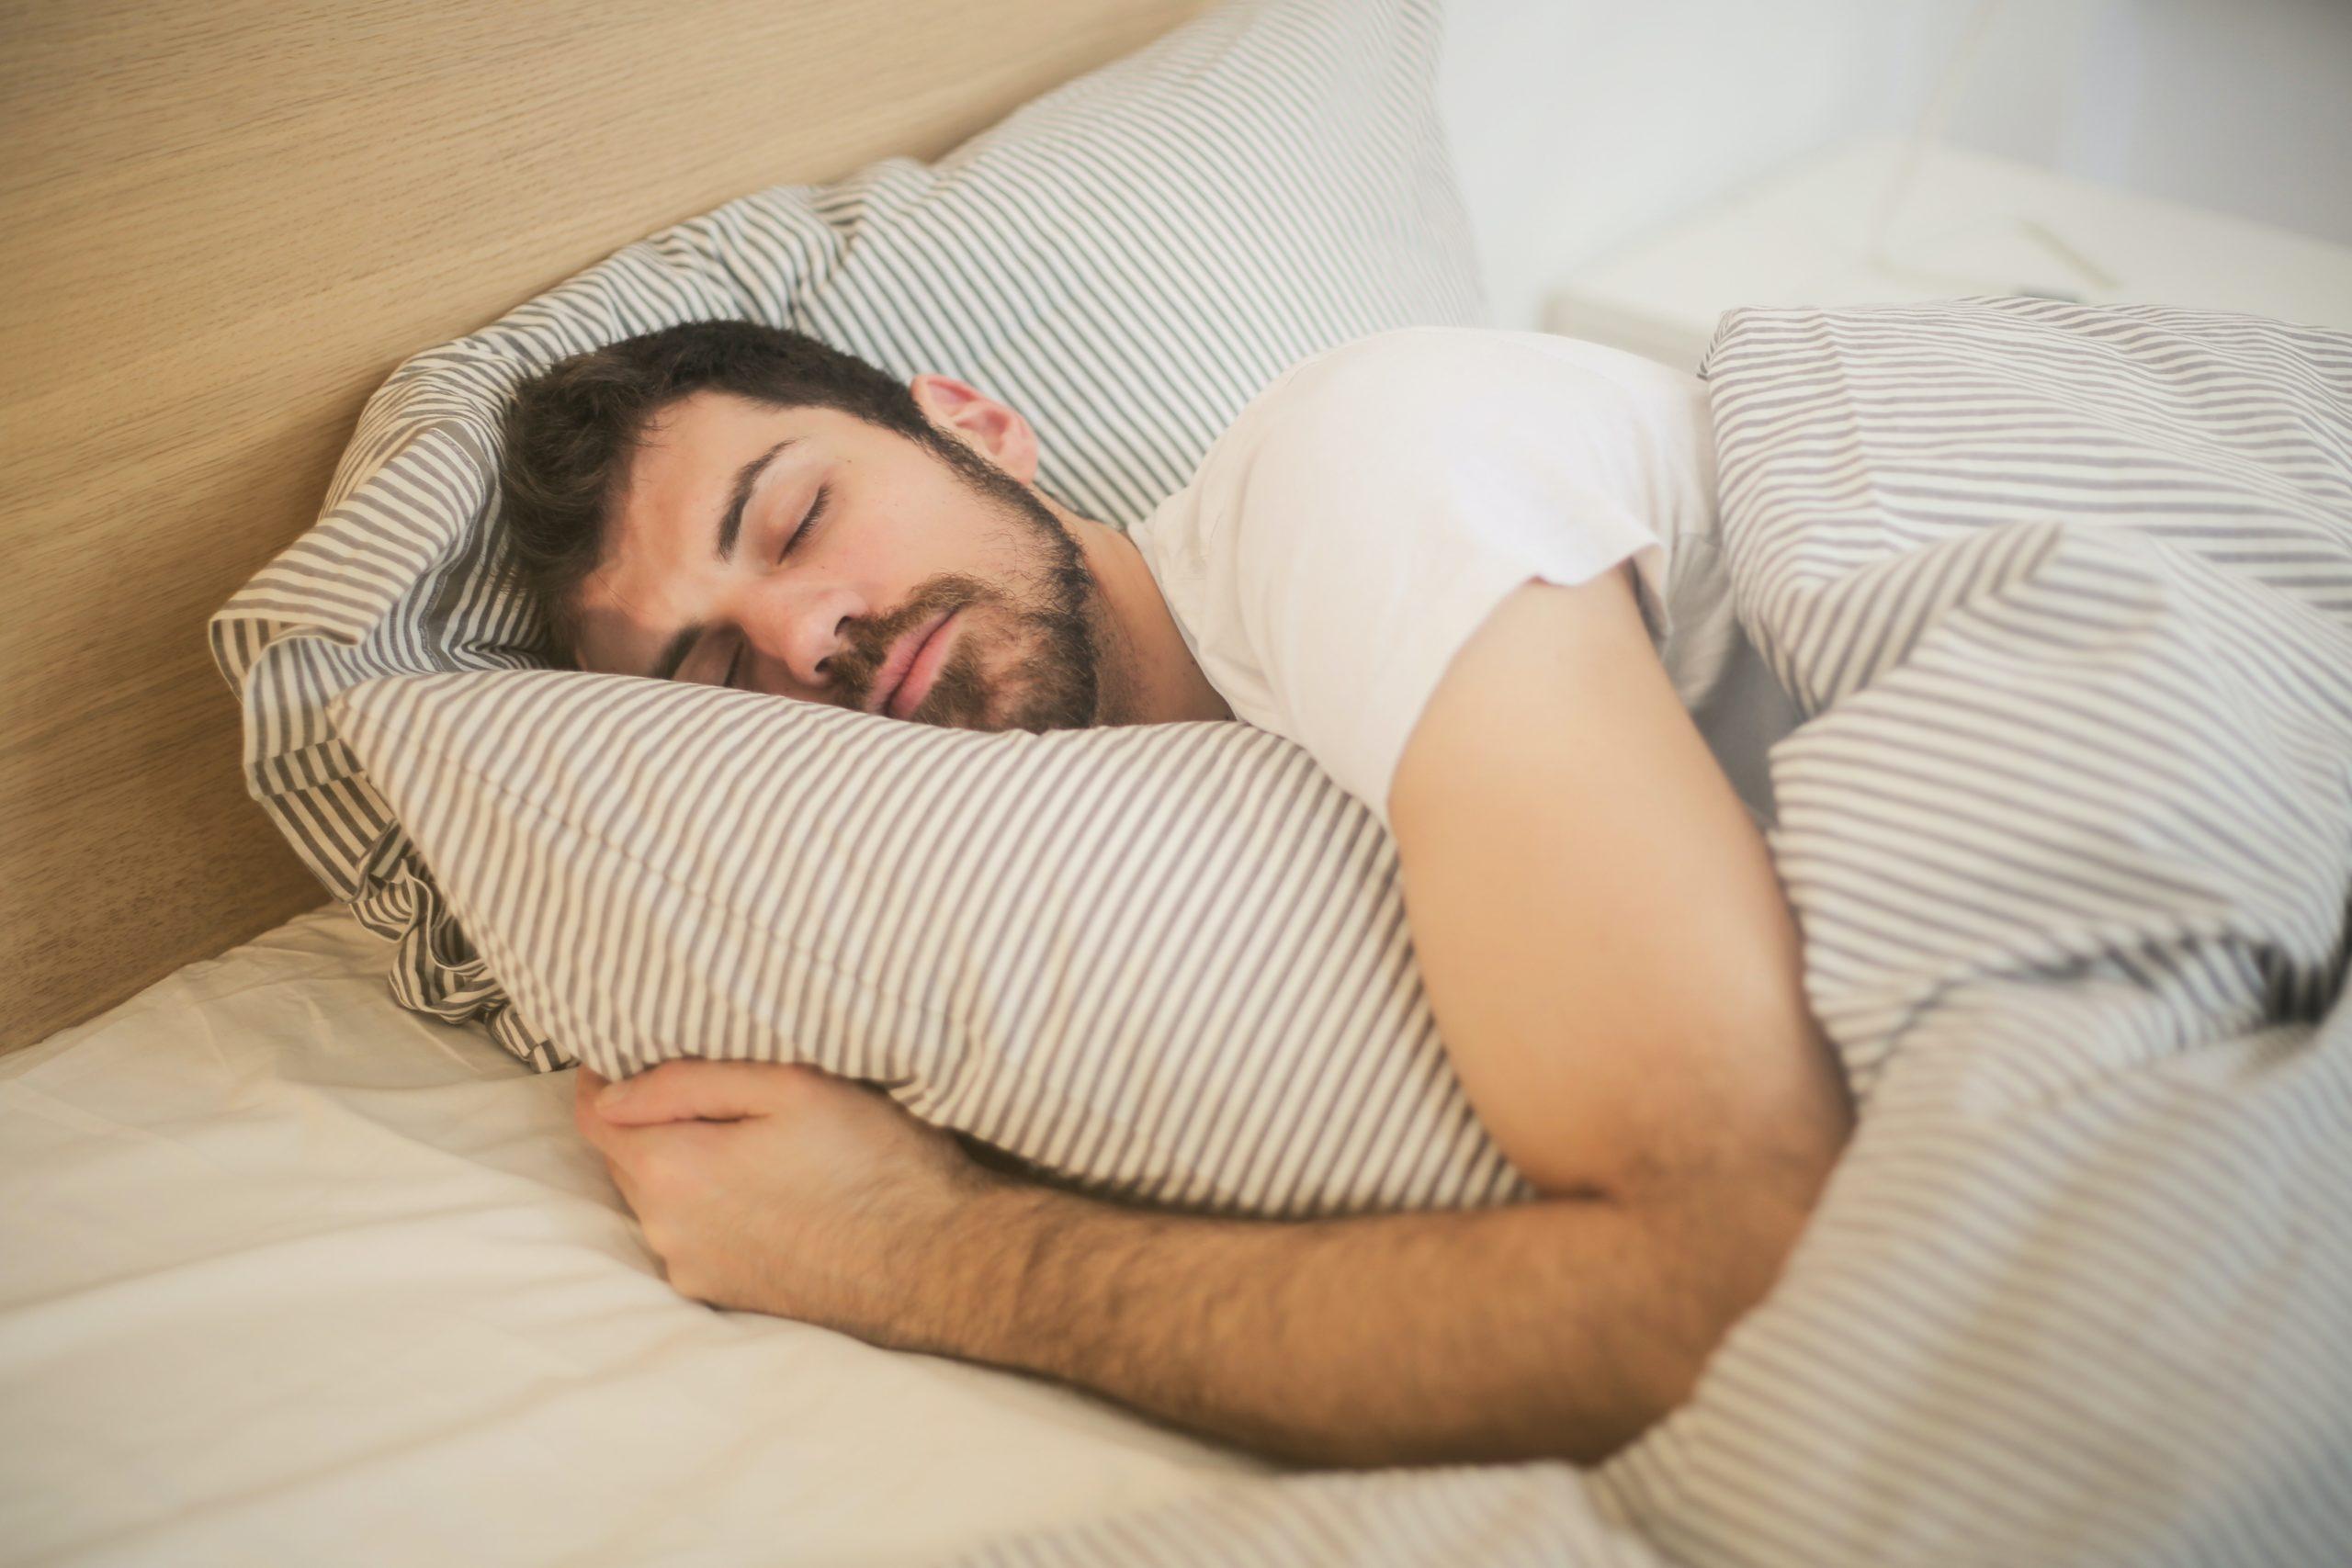 Les couvertures lestées : un nouvel outil pour lutter contre les troubles du sommeil ?